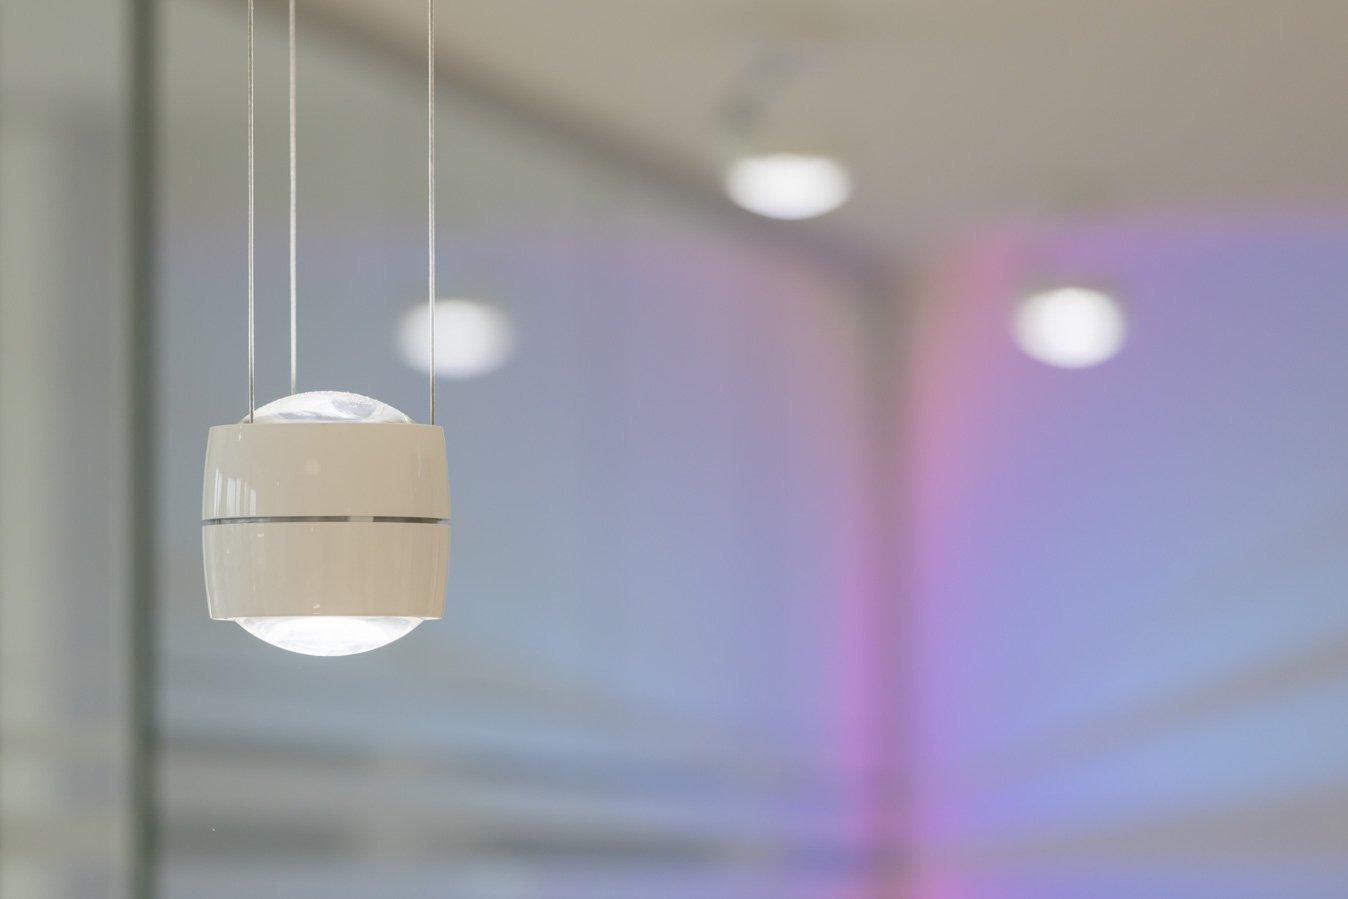 Praxis Led Lampen : Beleuchtung zahnarztpraxis licht praxis lichtkonzept lucente